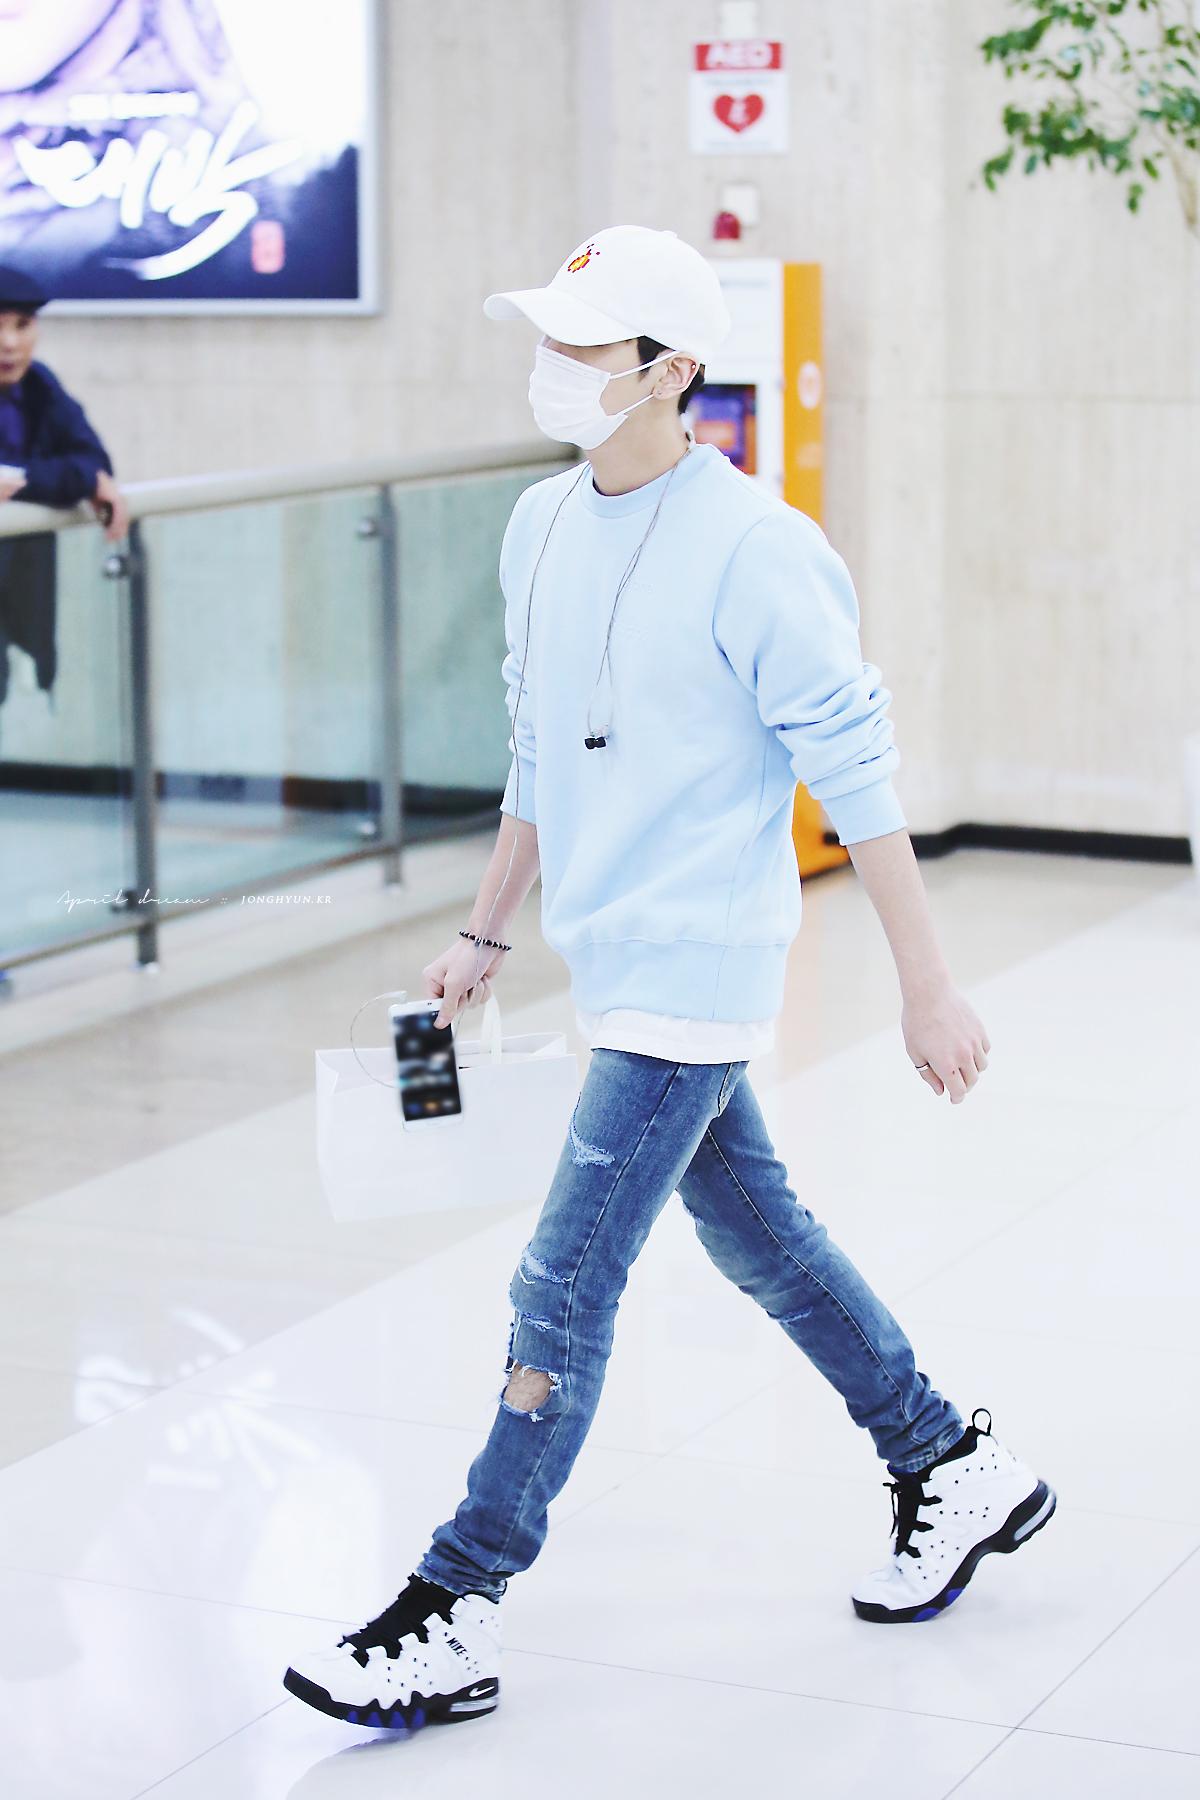 160327 Jonghyun @ Aeropuertos Haneda - Gimpo {Regreso a Corea} 25788259860_9b98a9607d_o